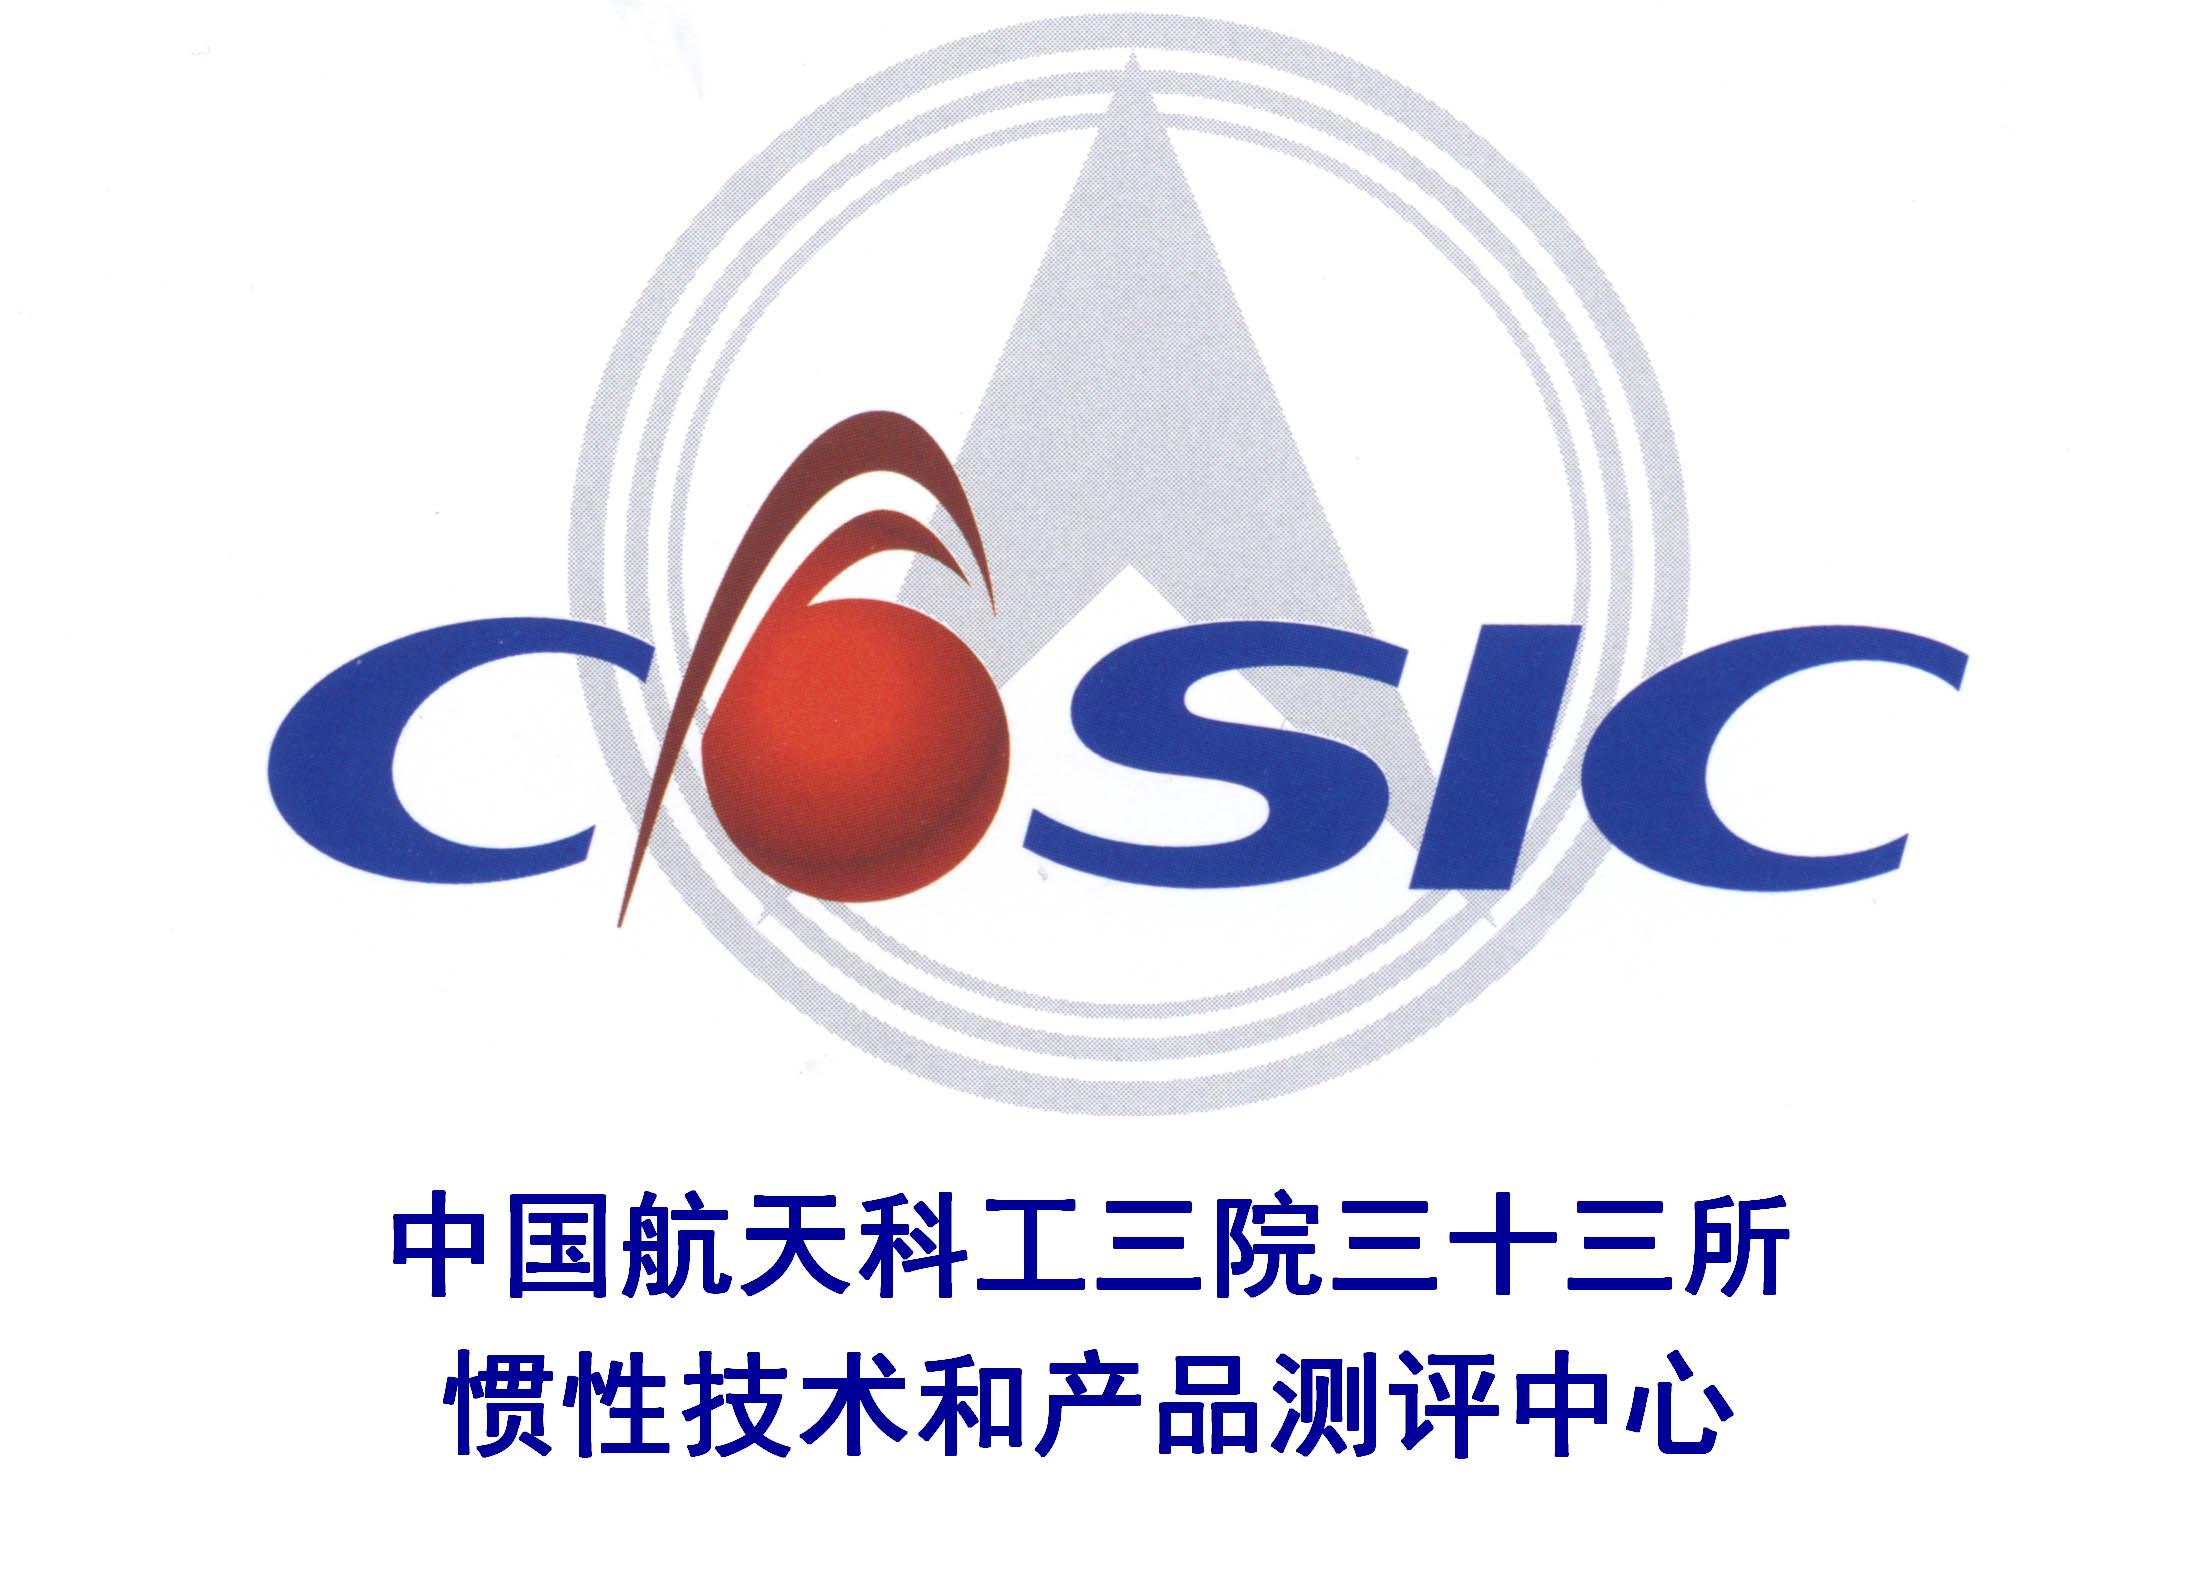 中国航天科工集团公司惯性技术和产品测评中心